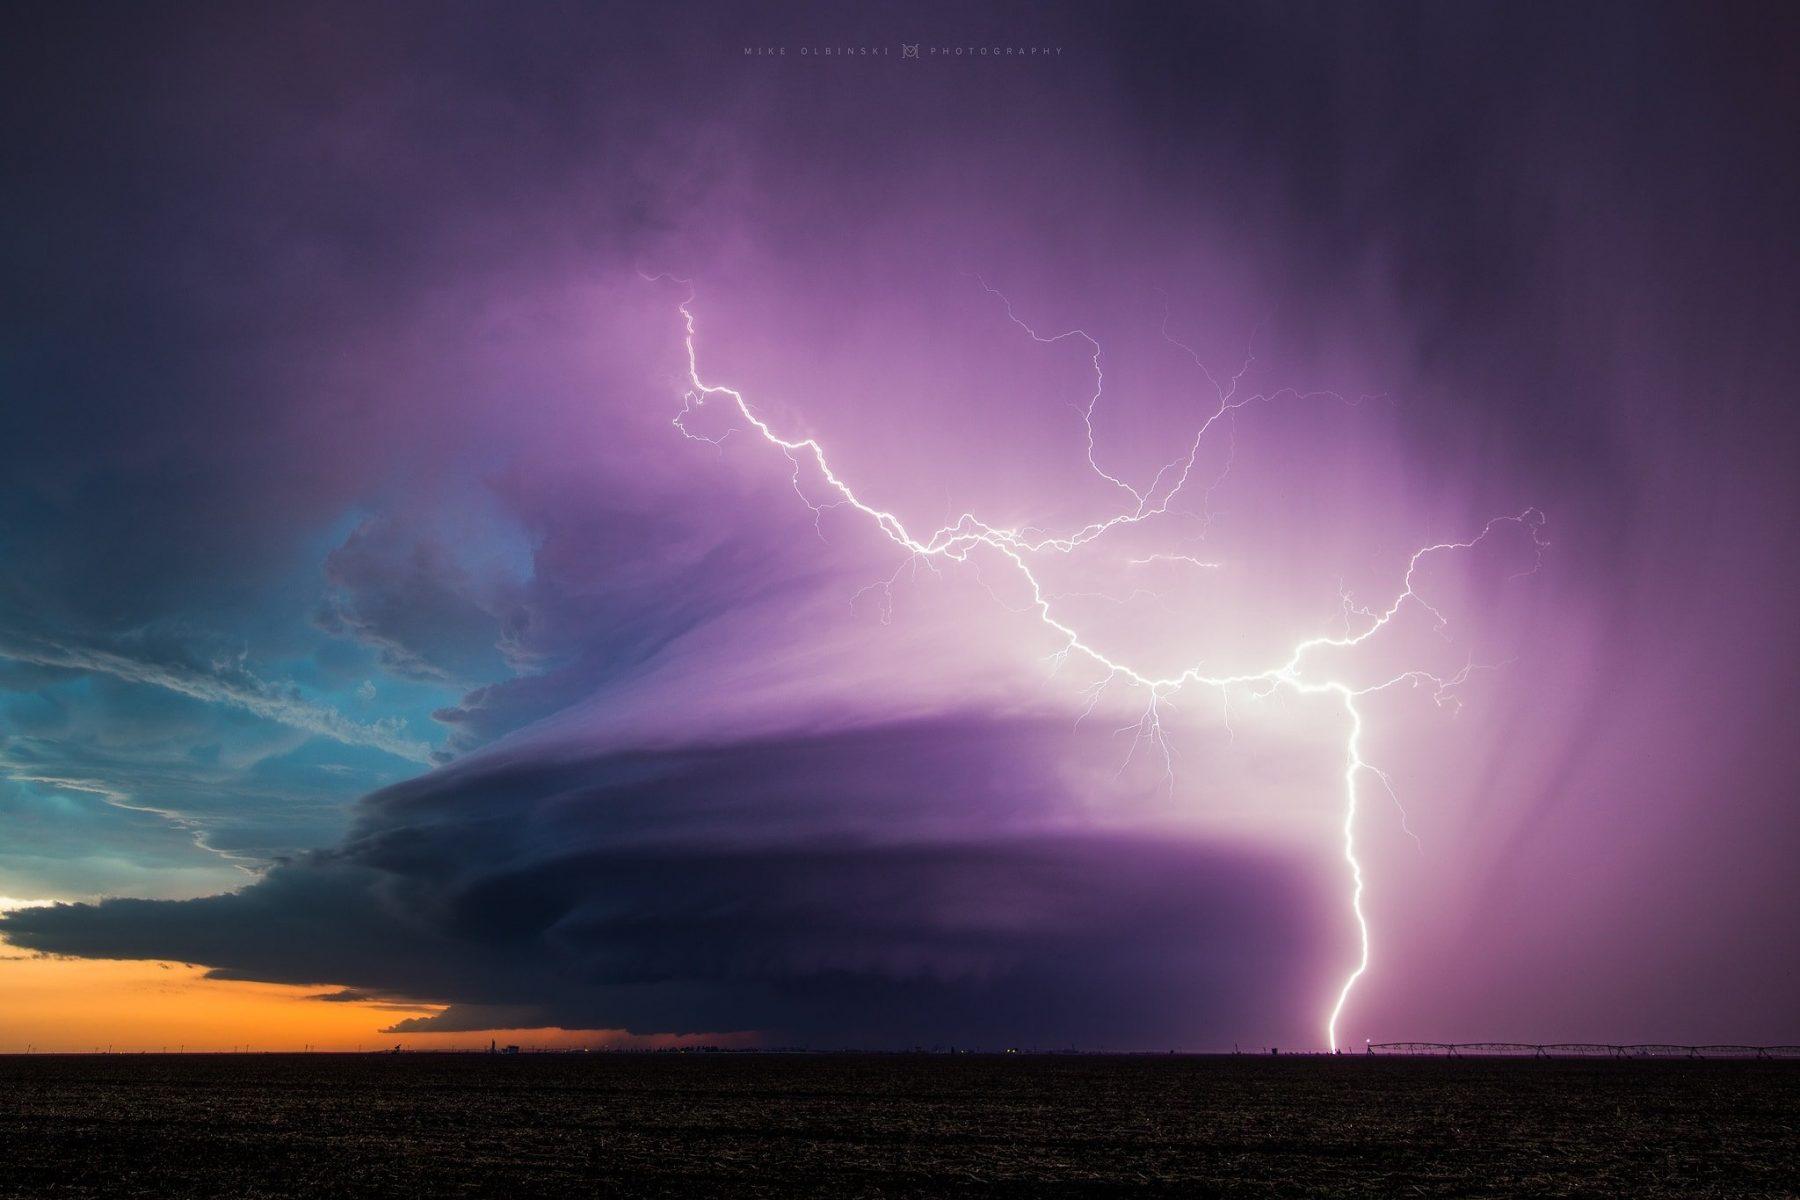 Sublette lightning